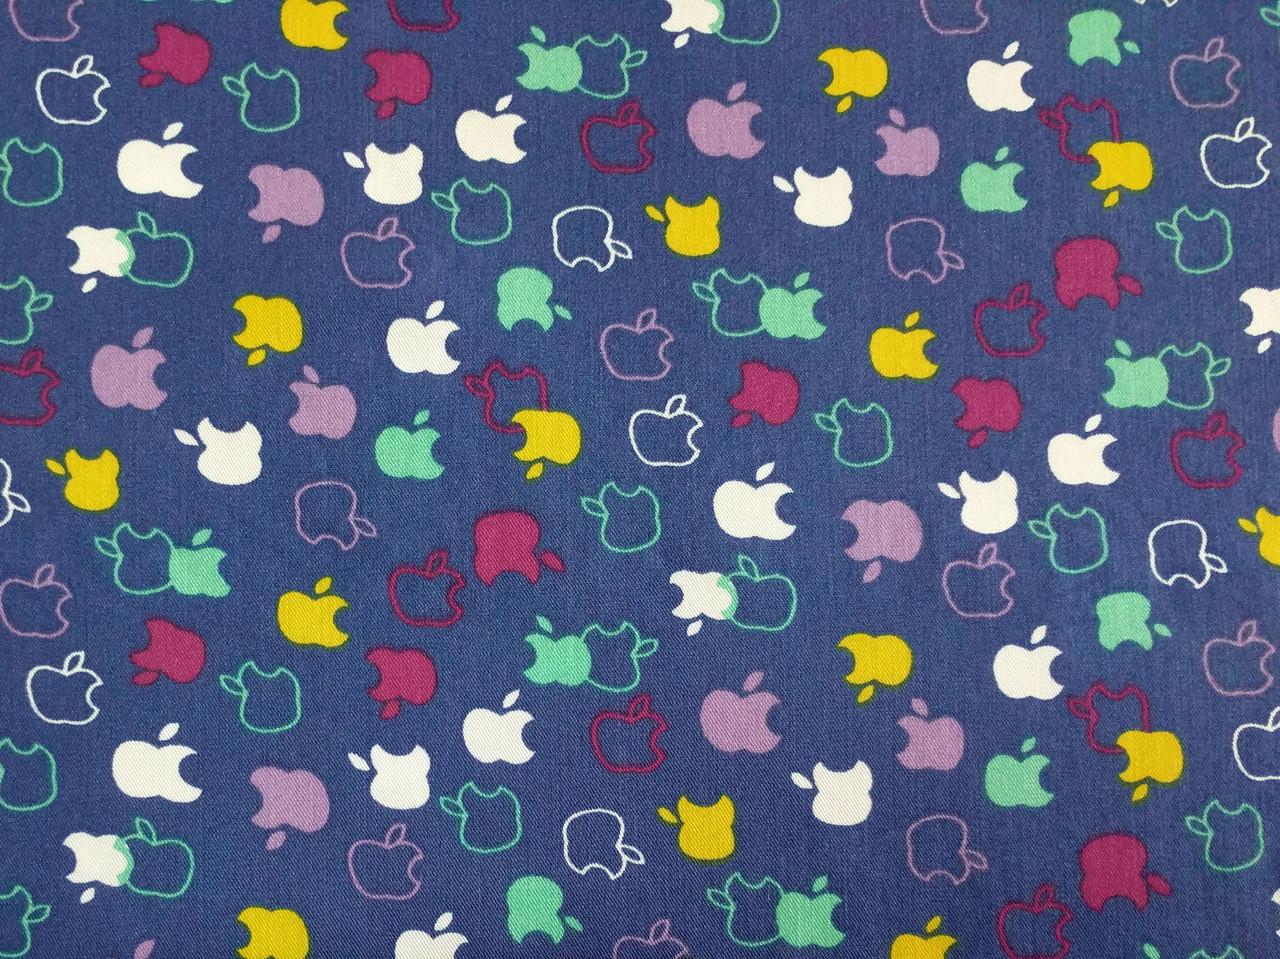 Джинс тенсел рубашечный разноцветные яблочки, голубой